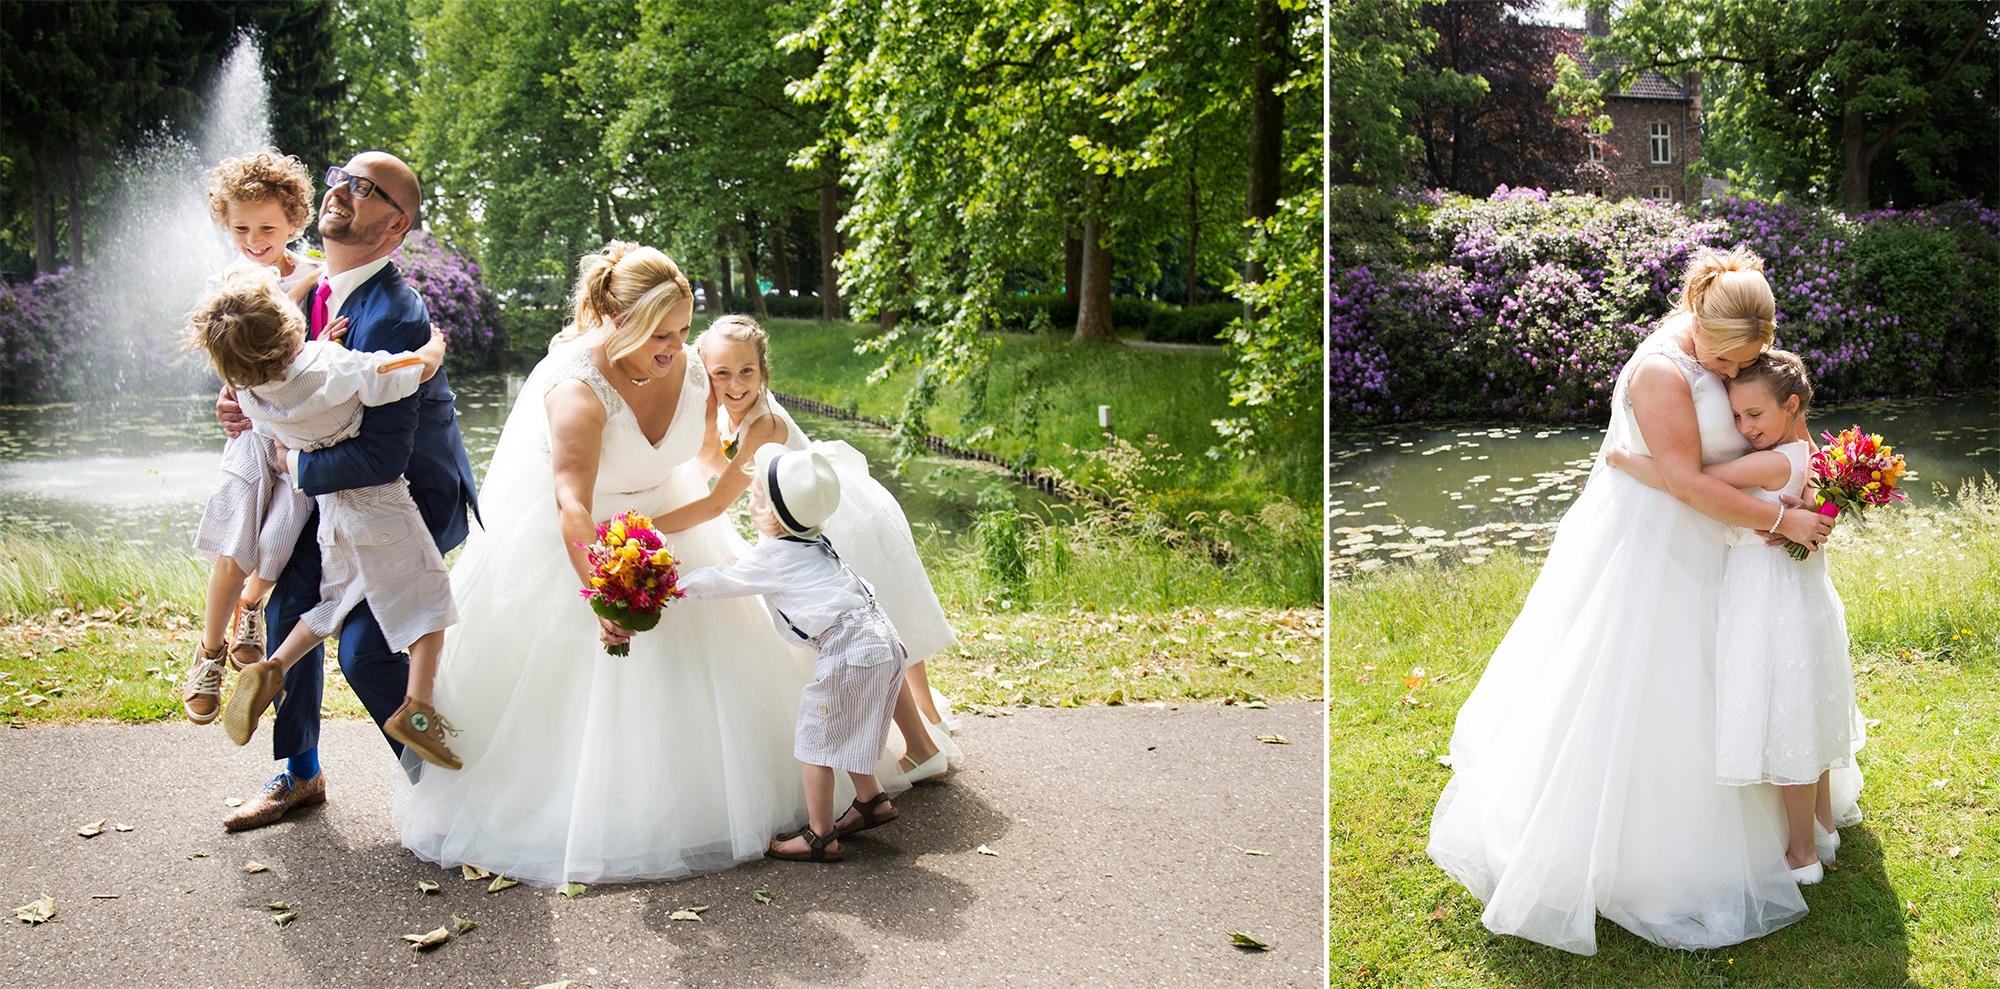 bruidsreportage buiten fotograaf